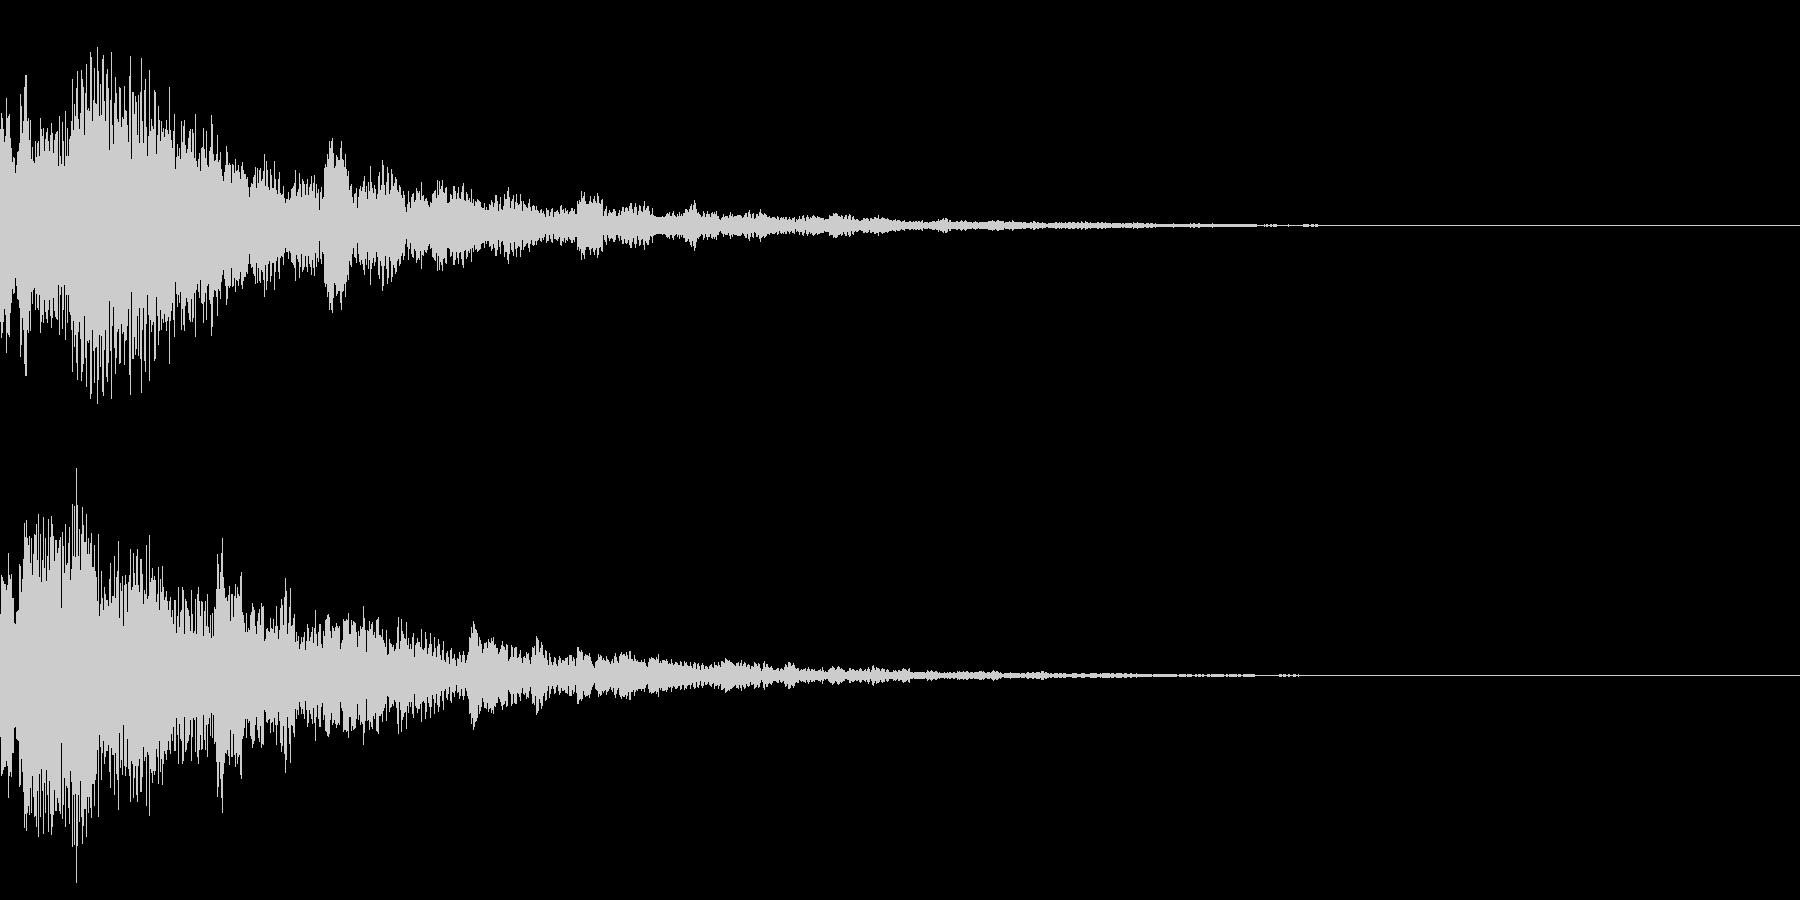 サウンドロゴ35(ベル系)の未再生の波形